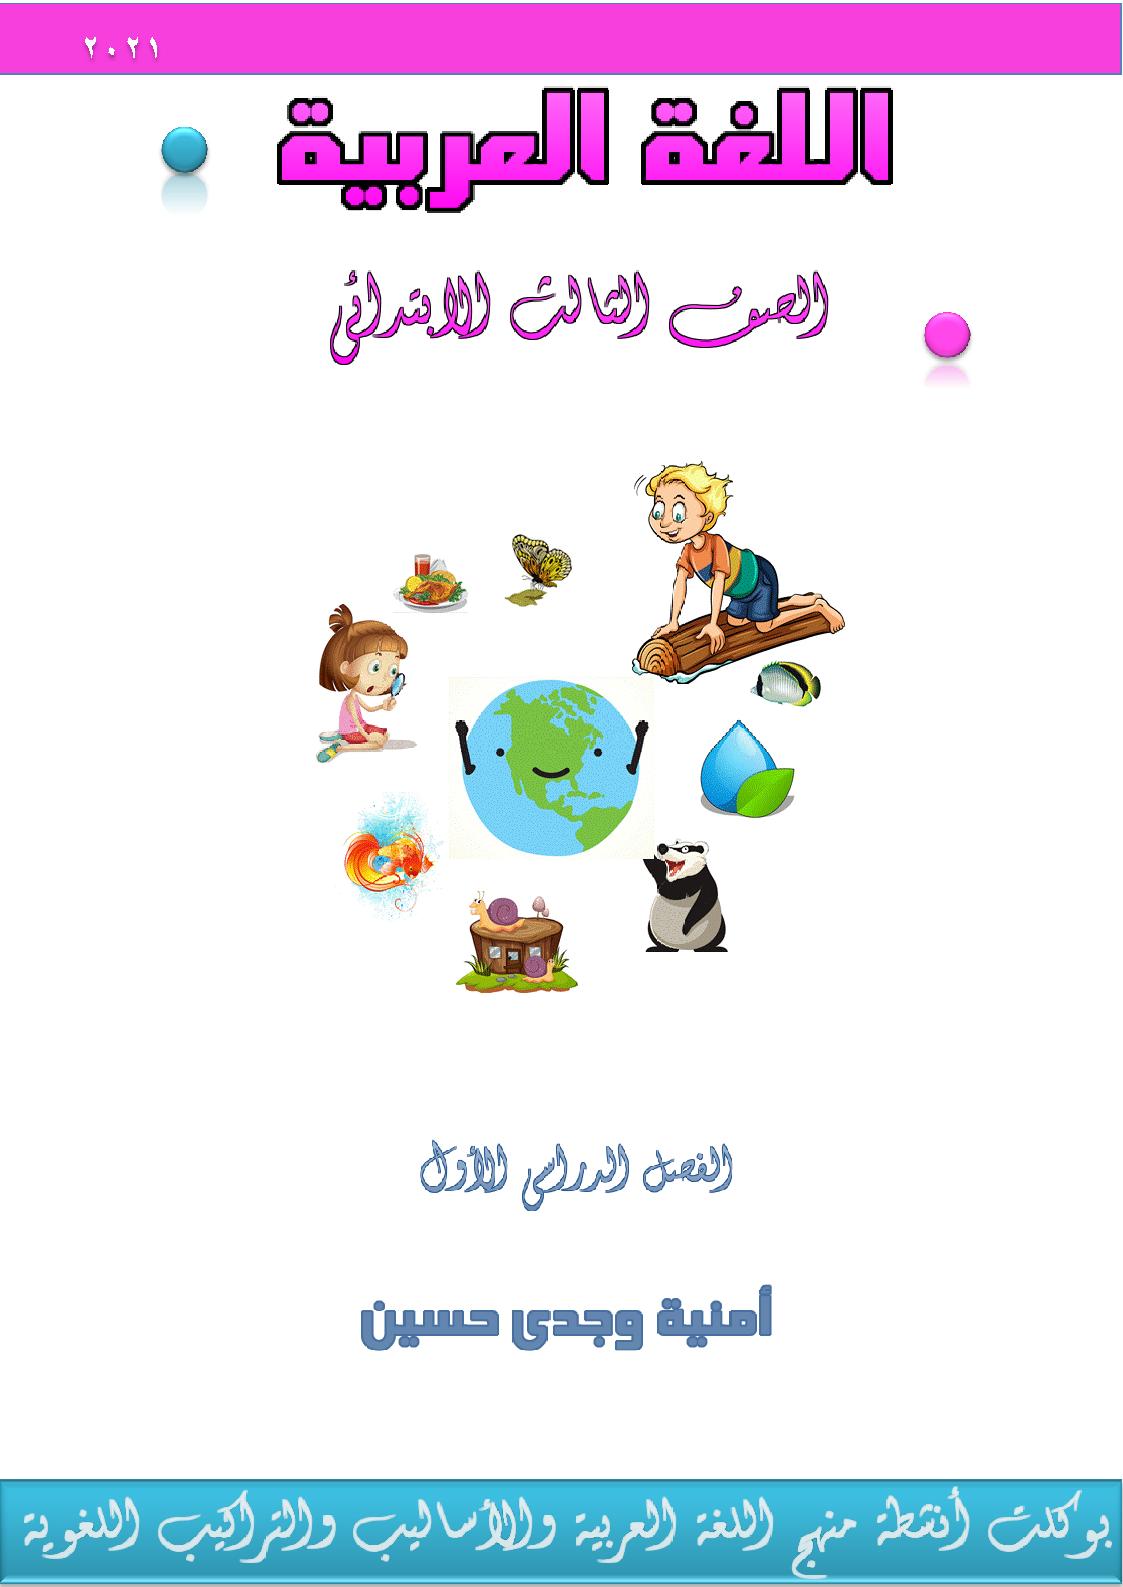 أفضل مذكرة لغة عربية للصف الثالث الابتدائي الترم الأول 2021 ميس أمنية وجدى